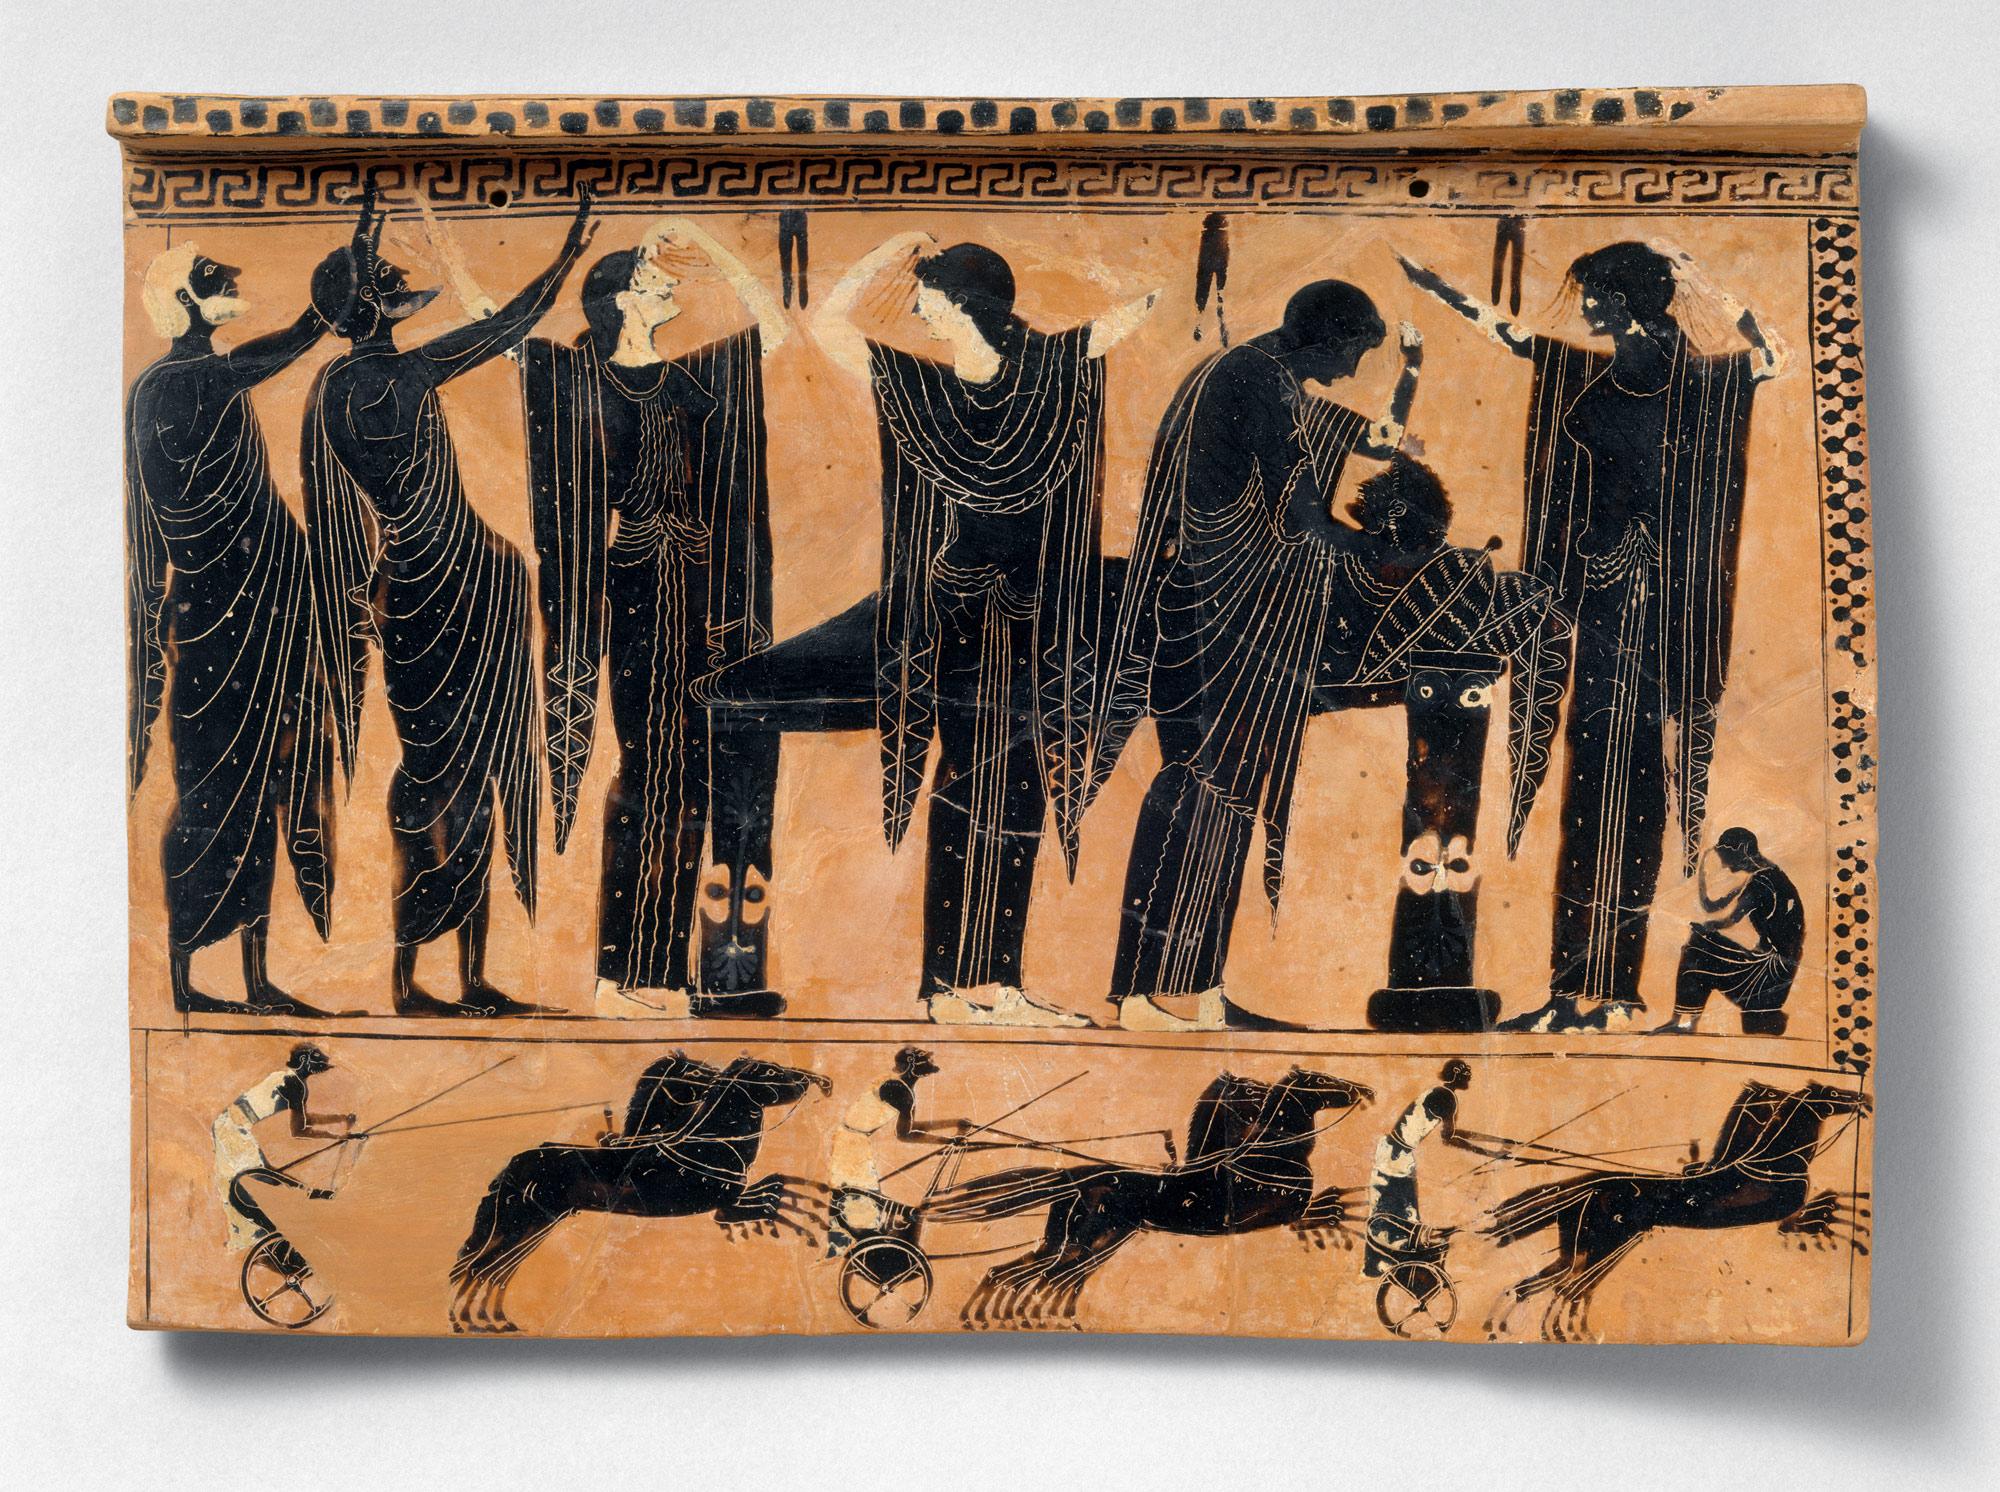 Terracotta Funerary Plaque Work Of Art Heilbrunn